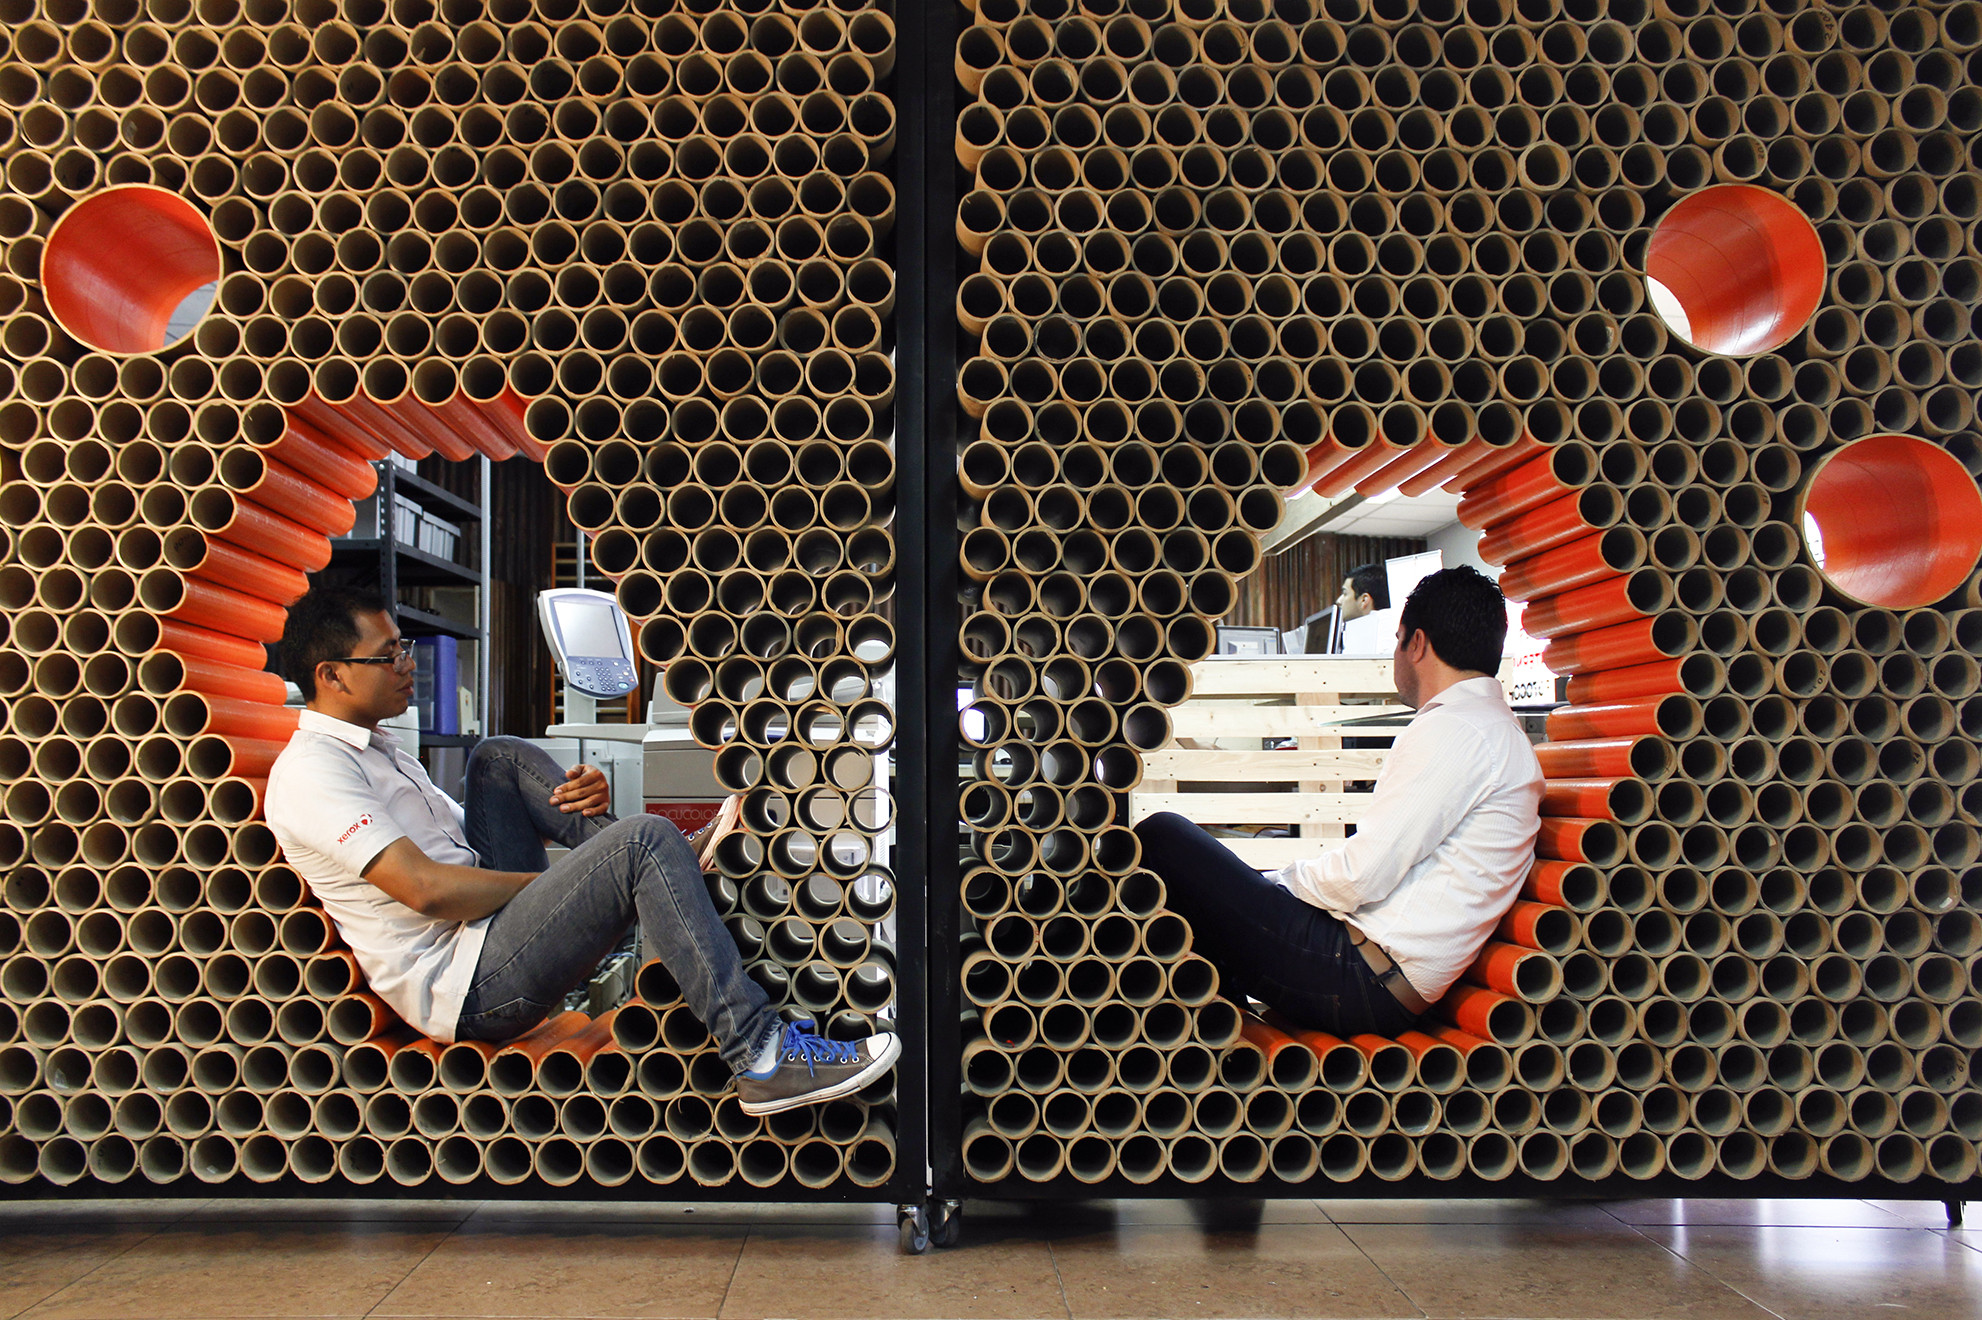 Reuso de materiais: mobiliário feito com 1600 tubos de papelão, © Werner Solorzano